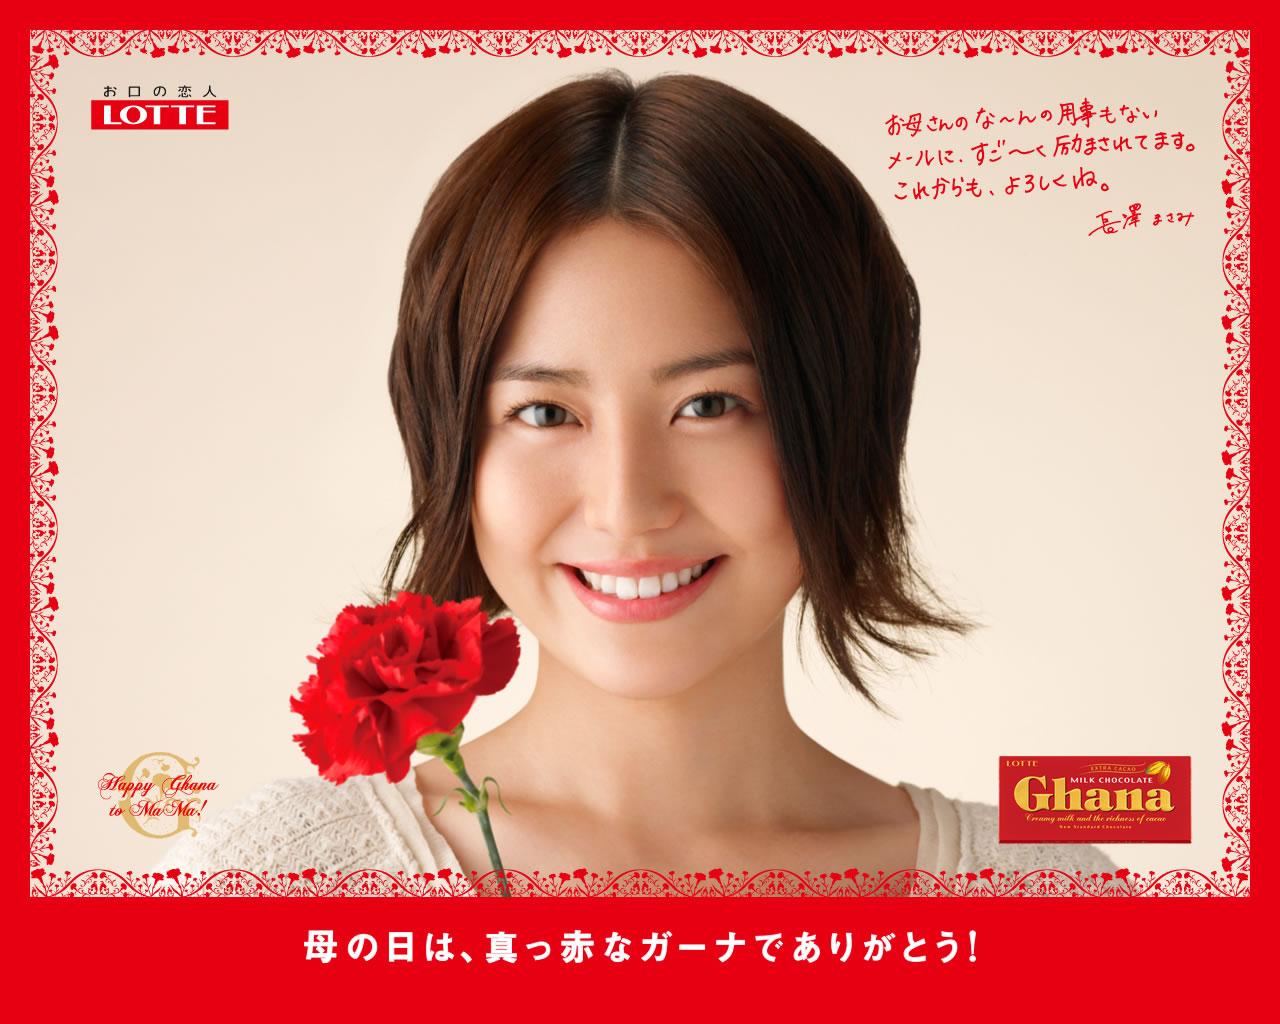 http://2.bp.blogspot.com/-fCaXl8VvSI4/TeskwCSTpYI/AAAAAAAAAmQ/fkQ-tao4jSE/s1600/1280_nagasawa.jpg